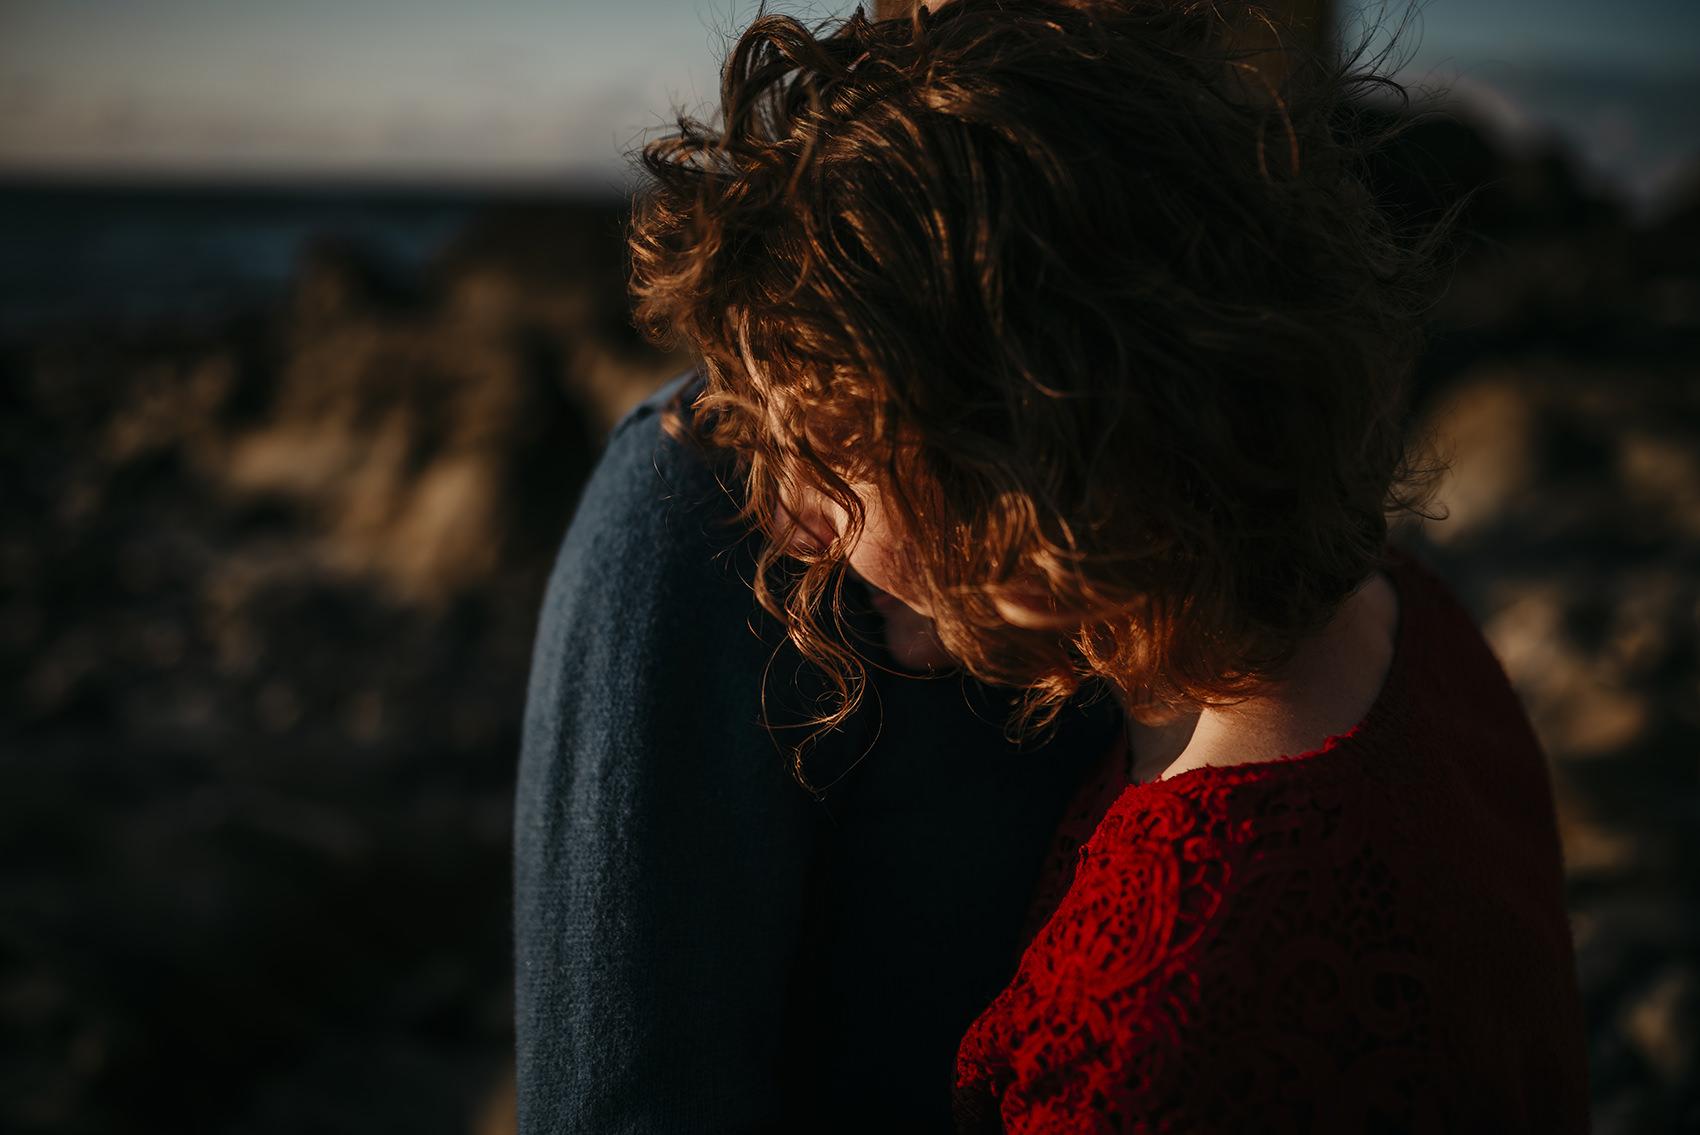 engagement photoshoot on Isle of Man